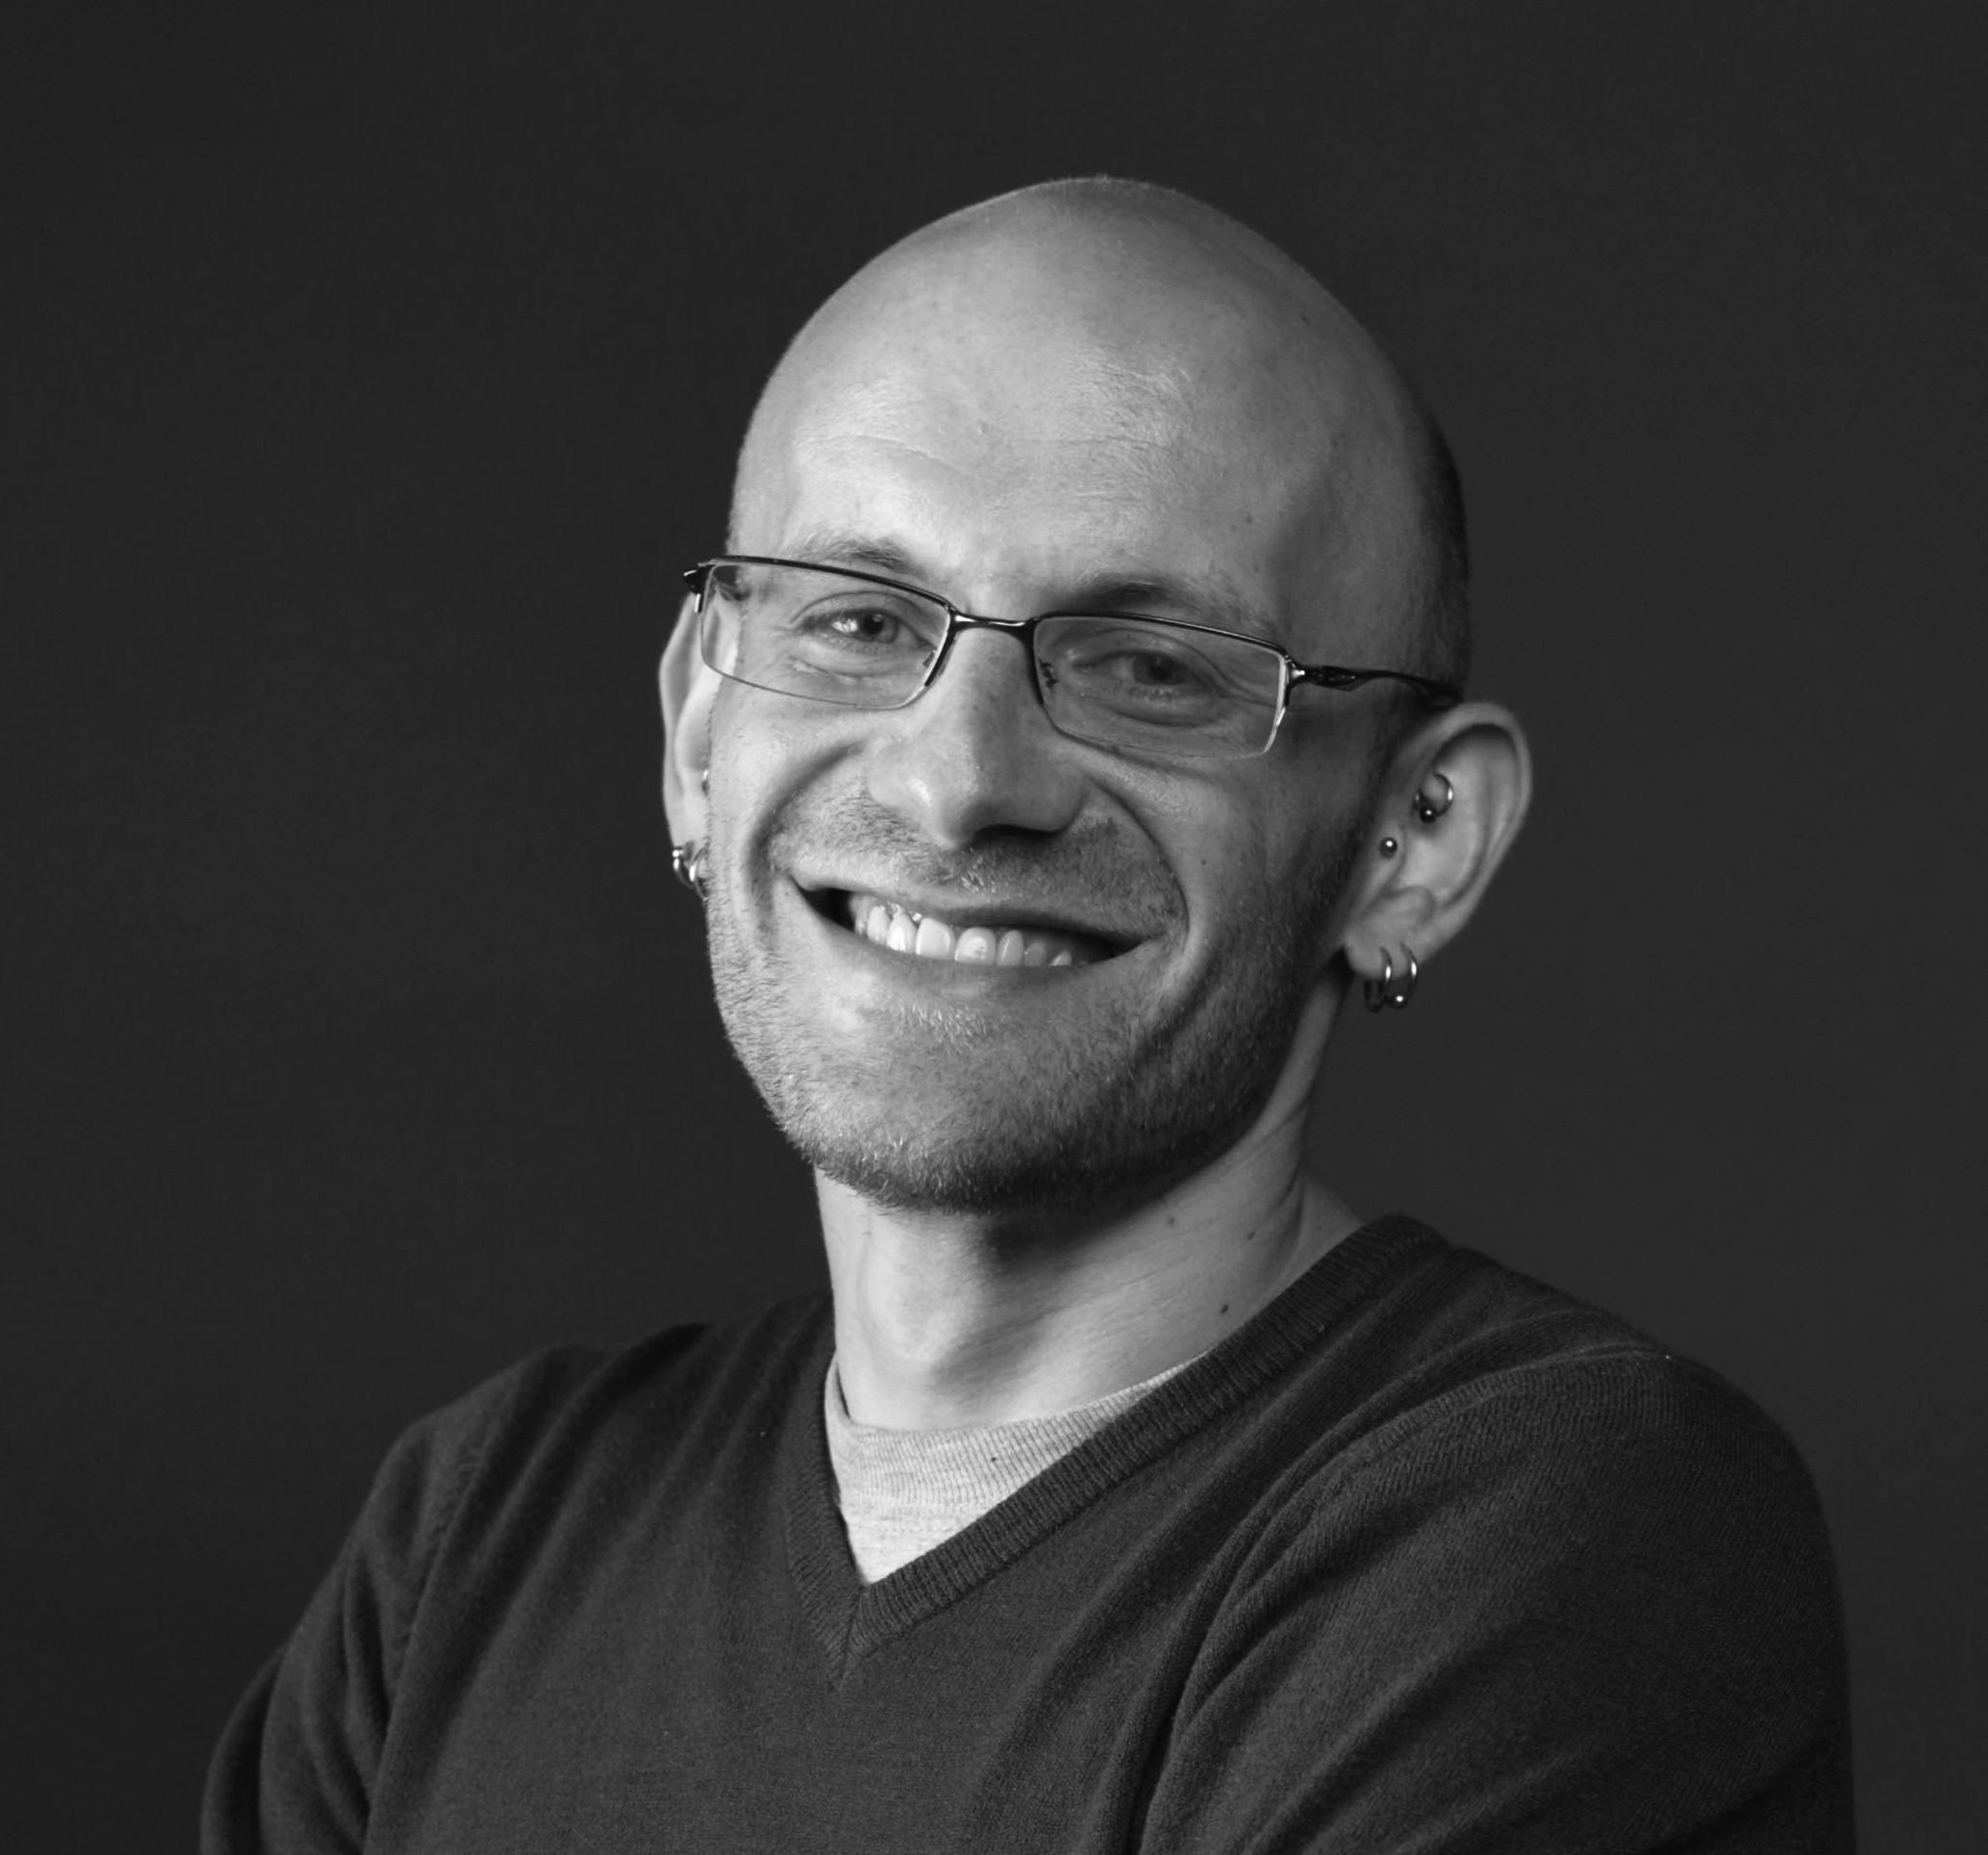 Брент Хехт, специалист вобласти информационных технологий ипредседатель Академии будущего вычислительных технологий.